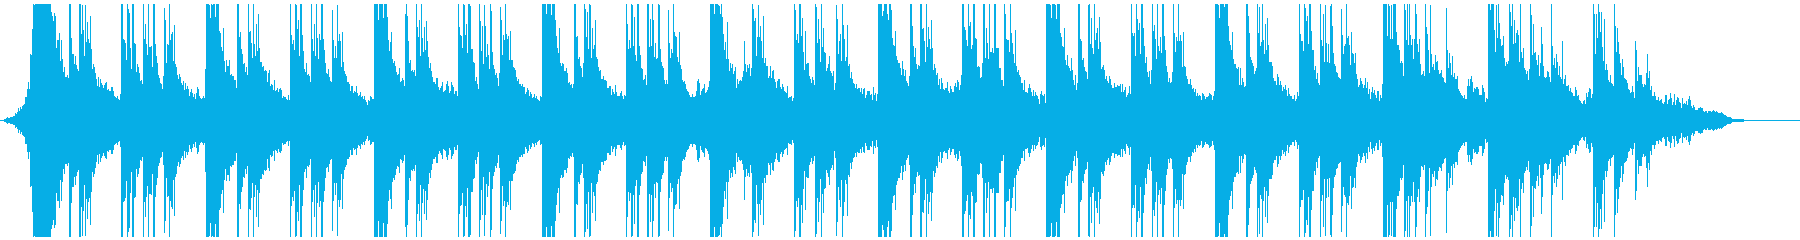 シネマティックお経の再生済みの波形